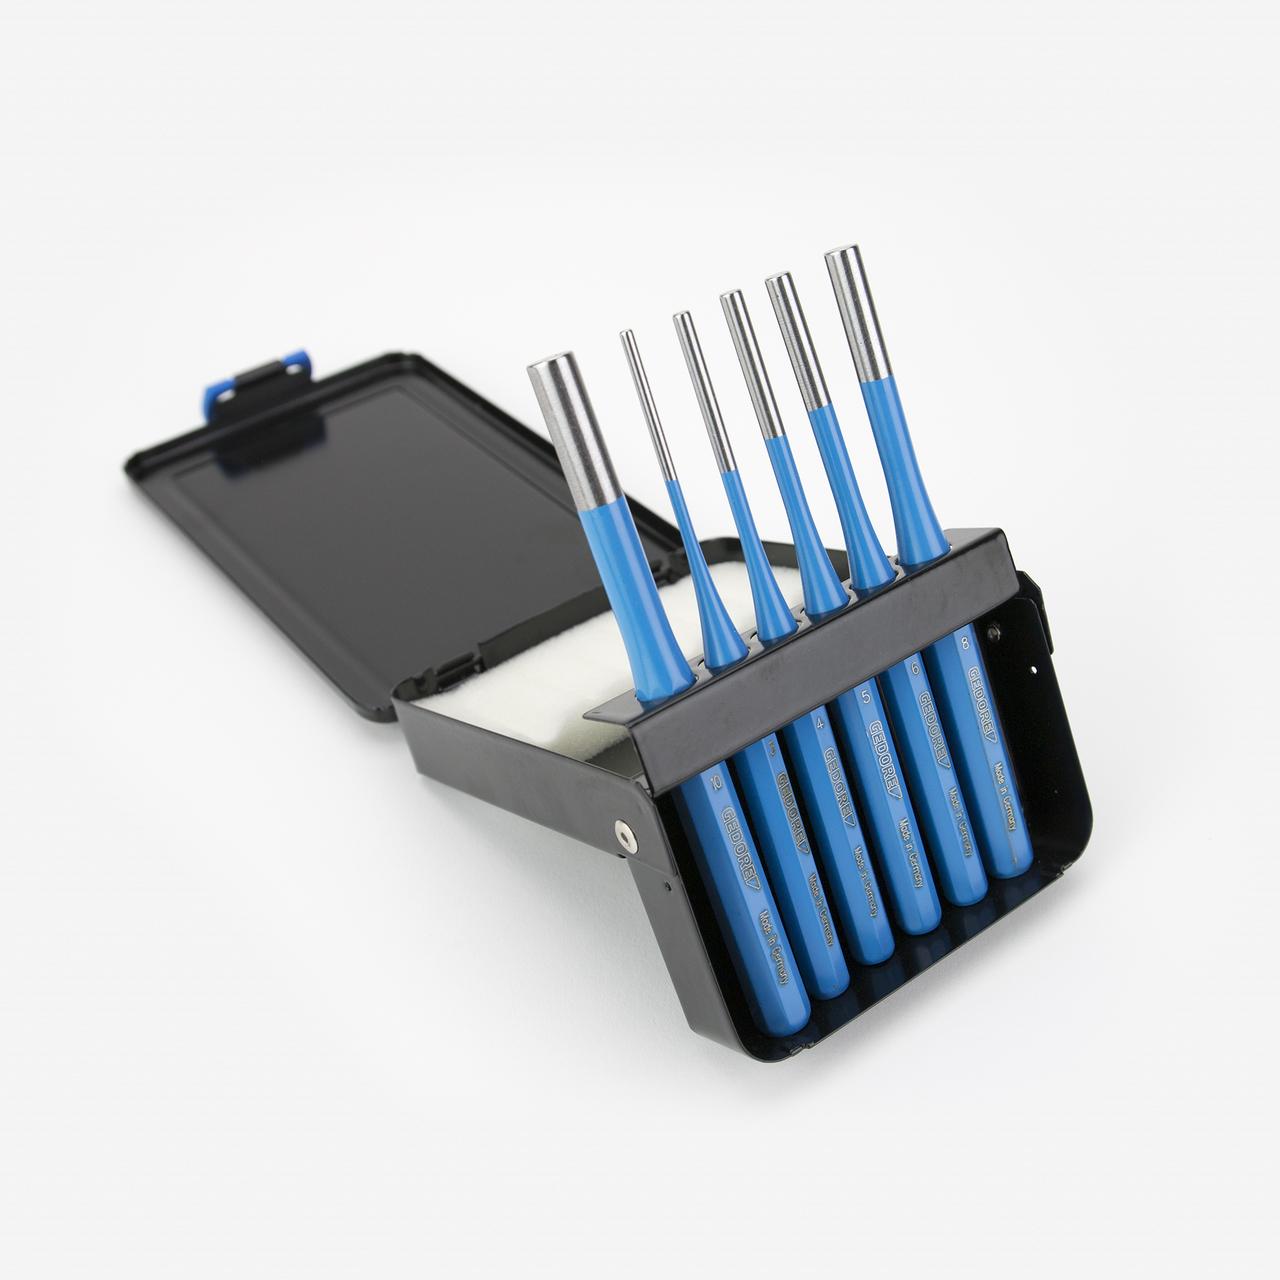 Gedore 316 D Pin Punch Set 6 Pcs in Metal Case - KC Tool